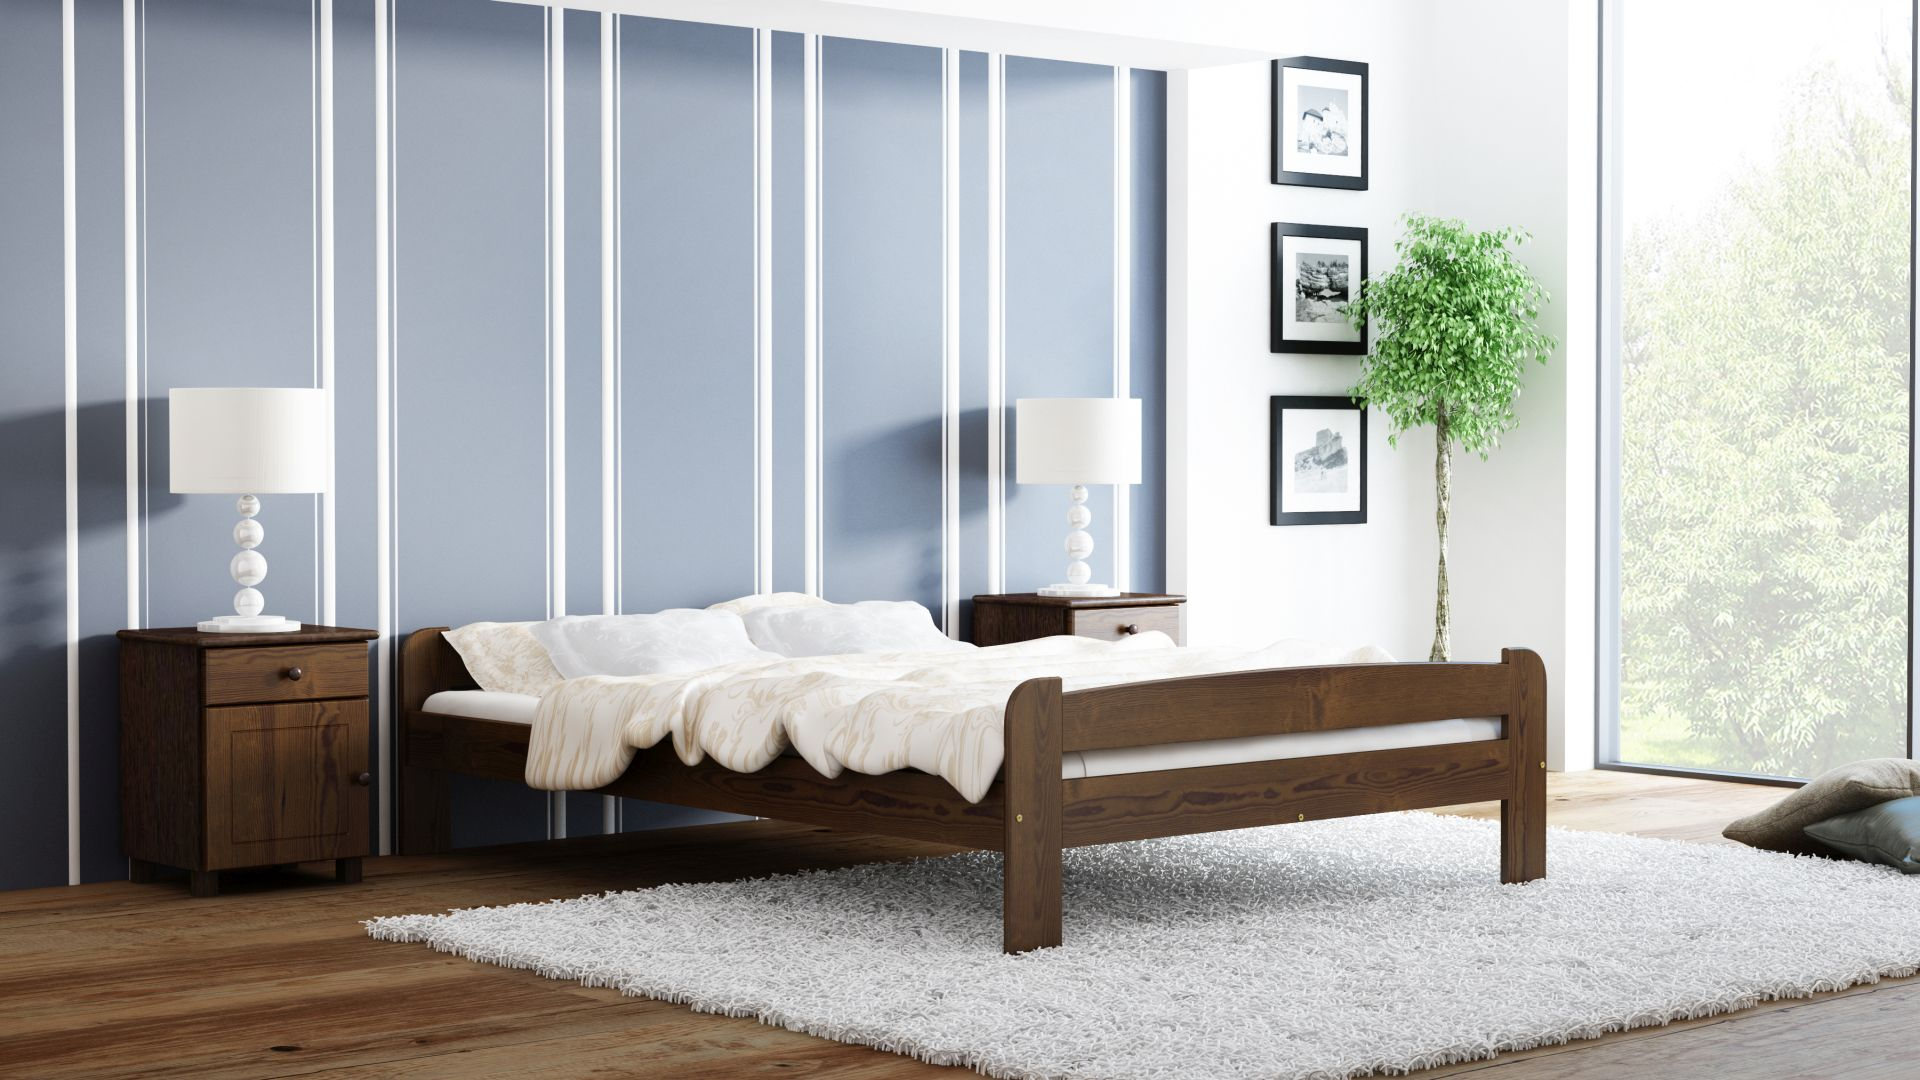 łóżko z drewna w sypialni